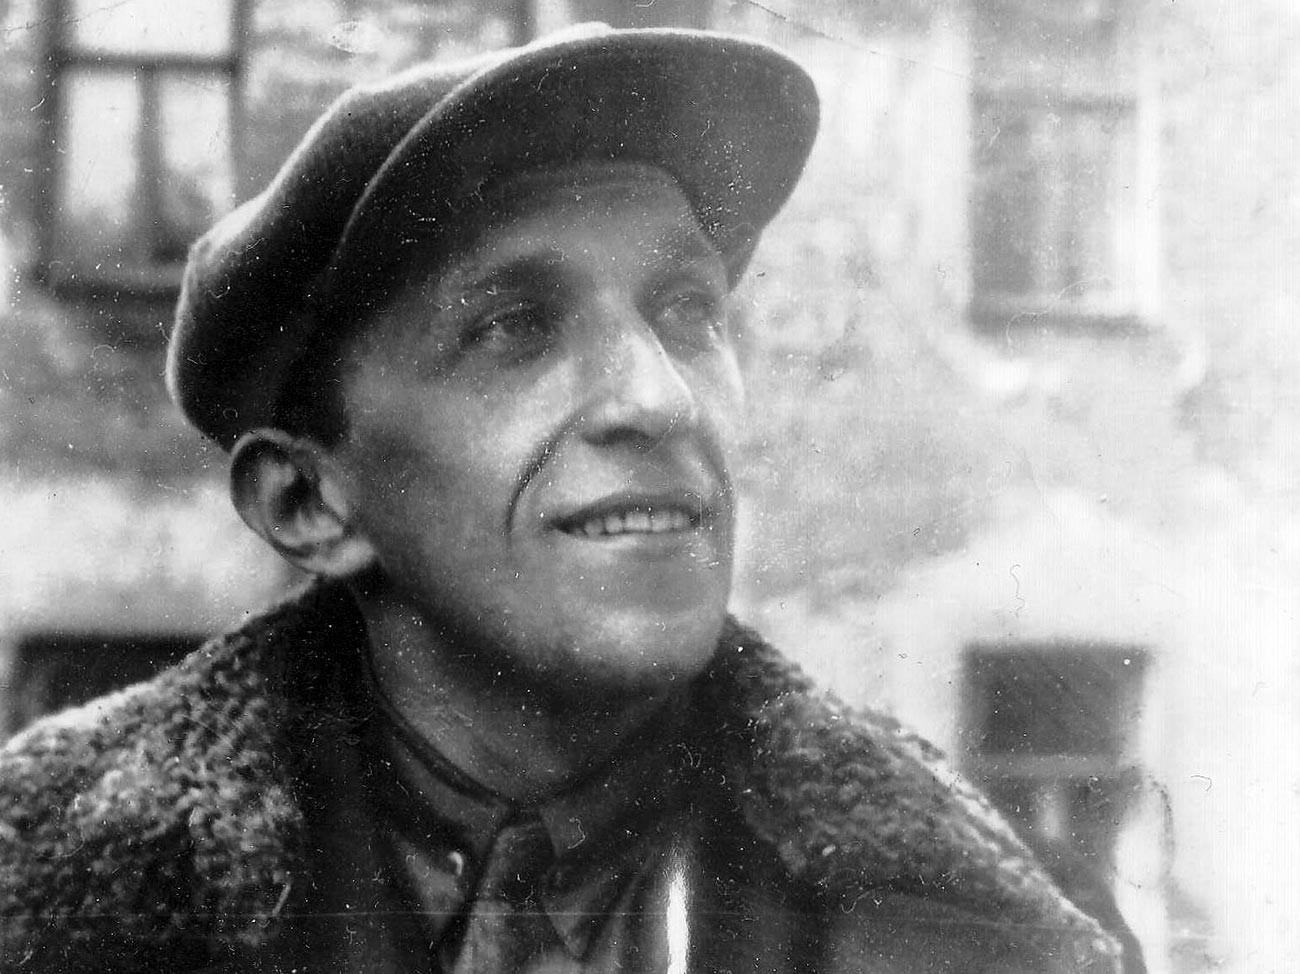 Iakov Serebrianski